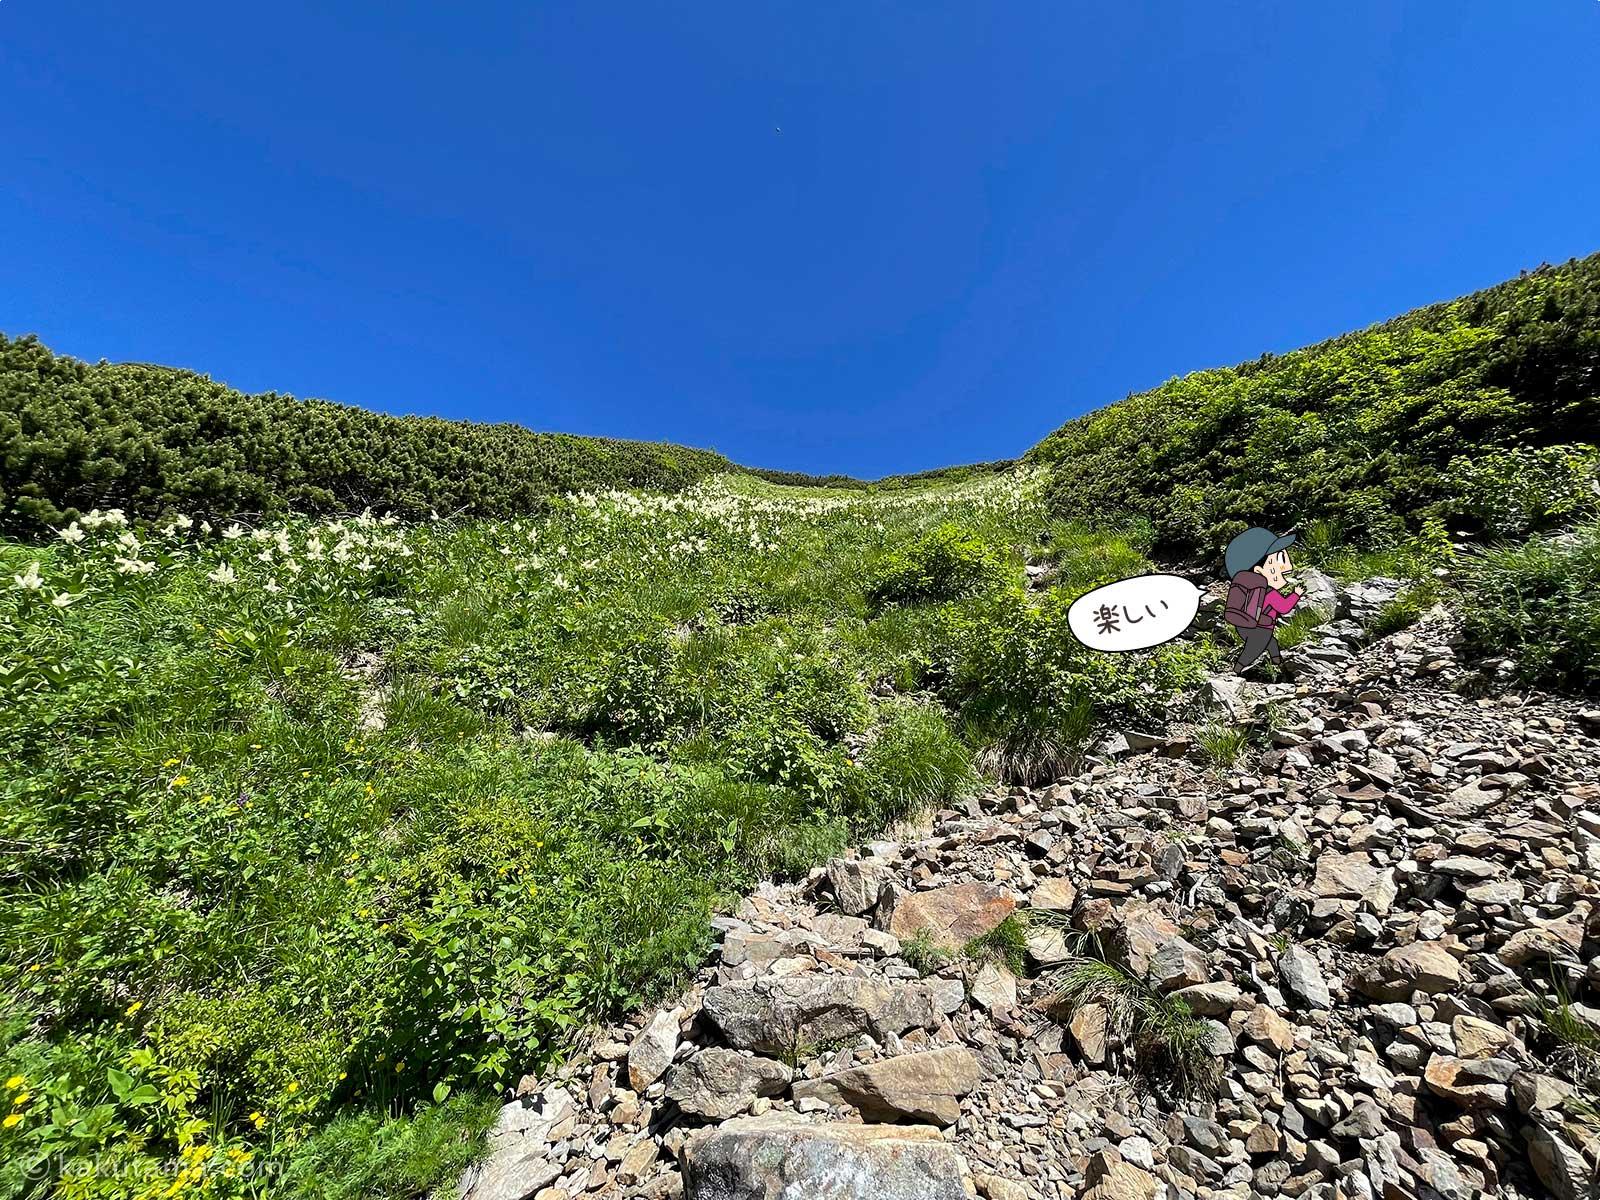 高山植物がたくさんの登山道2